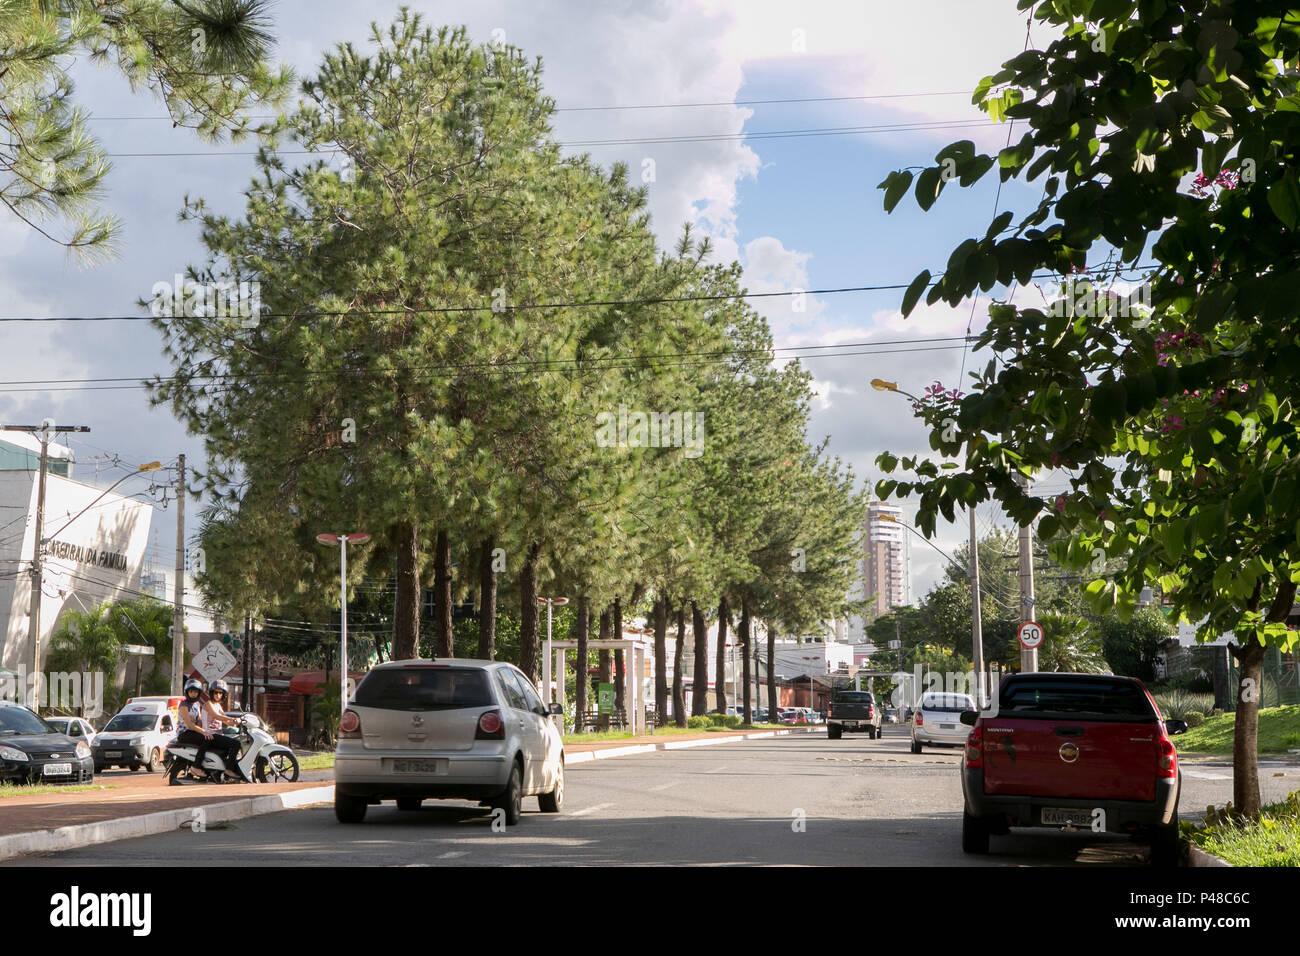 Goiânia, GO - 10.04.2015: RUA ARBORIZADA - Alameda Ricardo Paranhos, Setor Marista. (Foto: Murilo Bastos / Fotoarena) Foto Stock